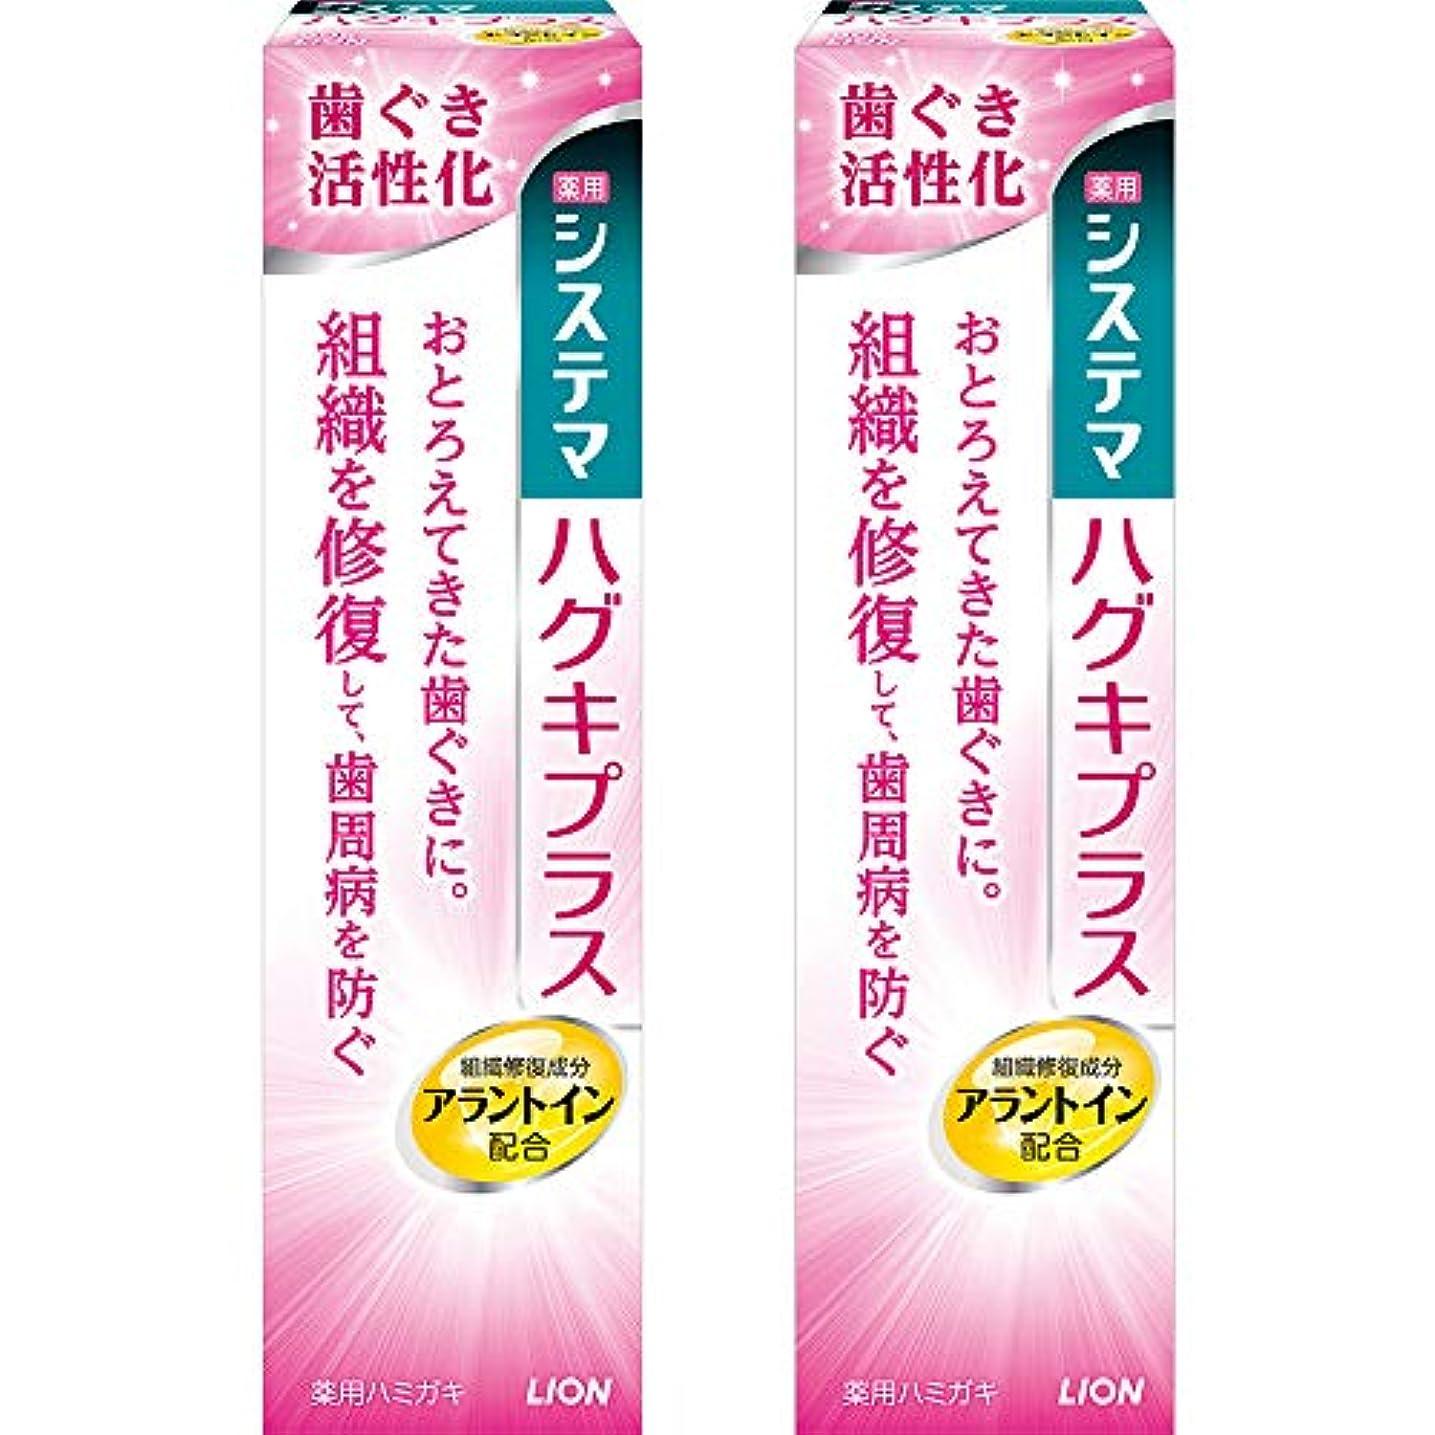 システマ ハグキプラス ハミガキ 90g×2個 [医薬部外品]